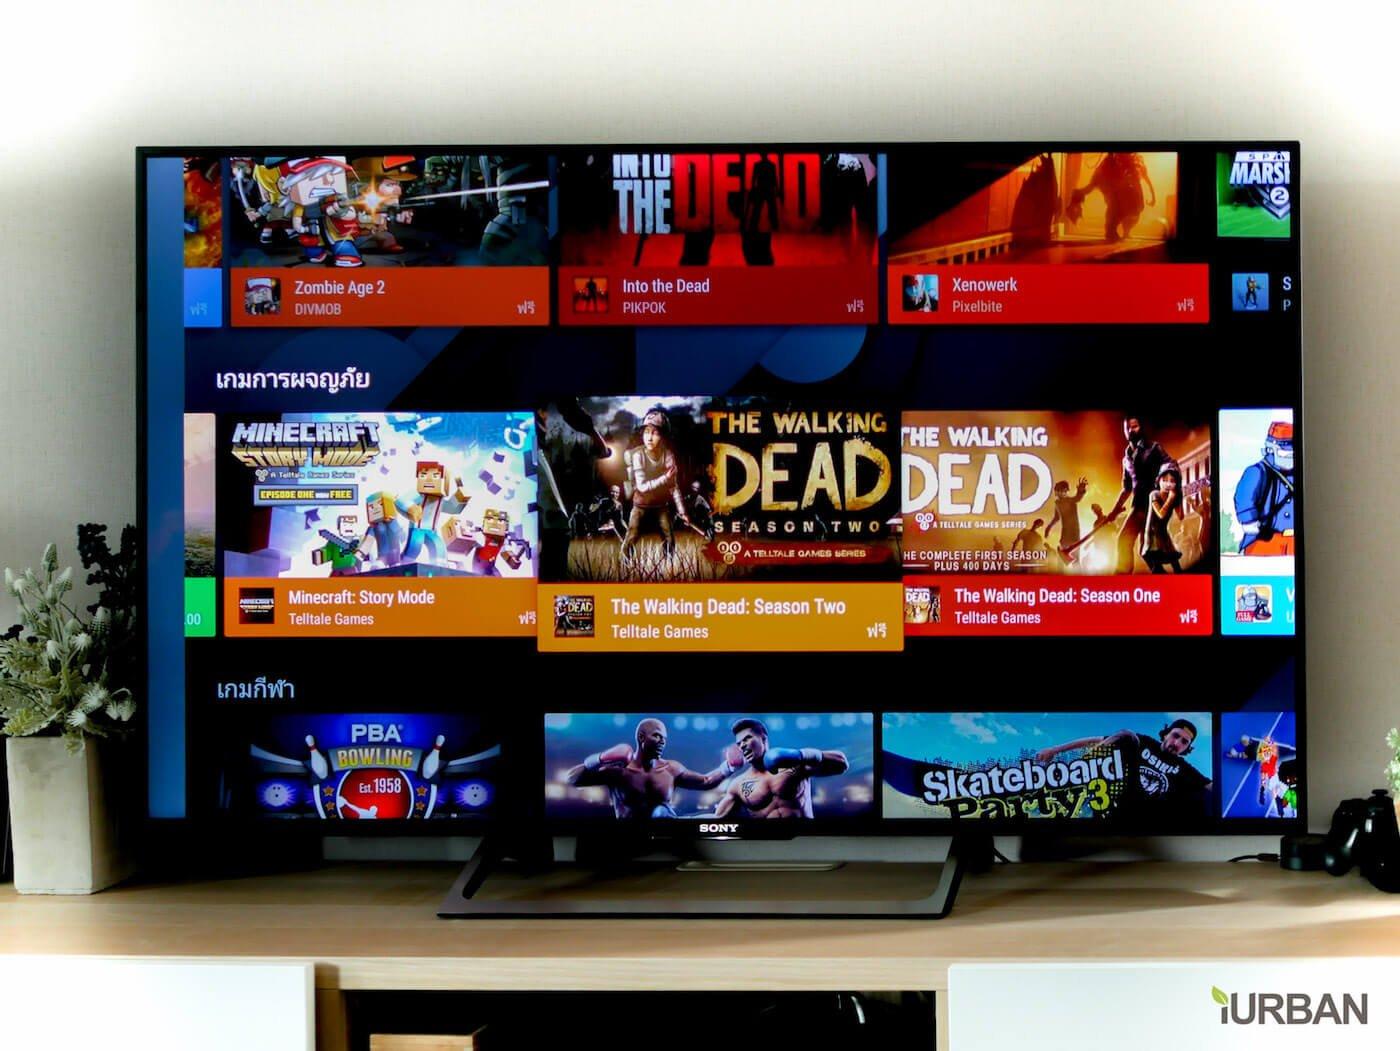 SONY X8500E 4K-HDR Android TV นวัตกรรมที่จะเปลี่ยนชีวิตกับทีวี ให้ไม่เหมือนเดิมอีกต่อไป 24 - Android